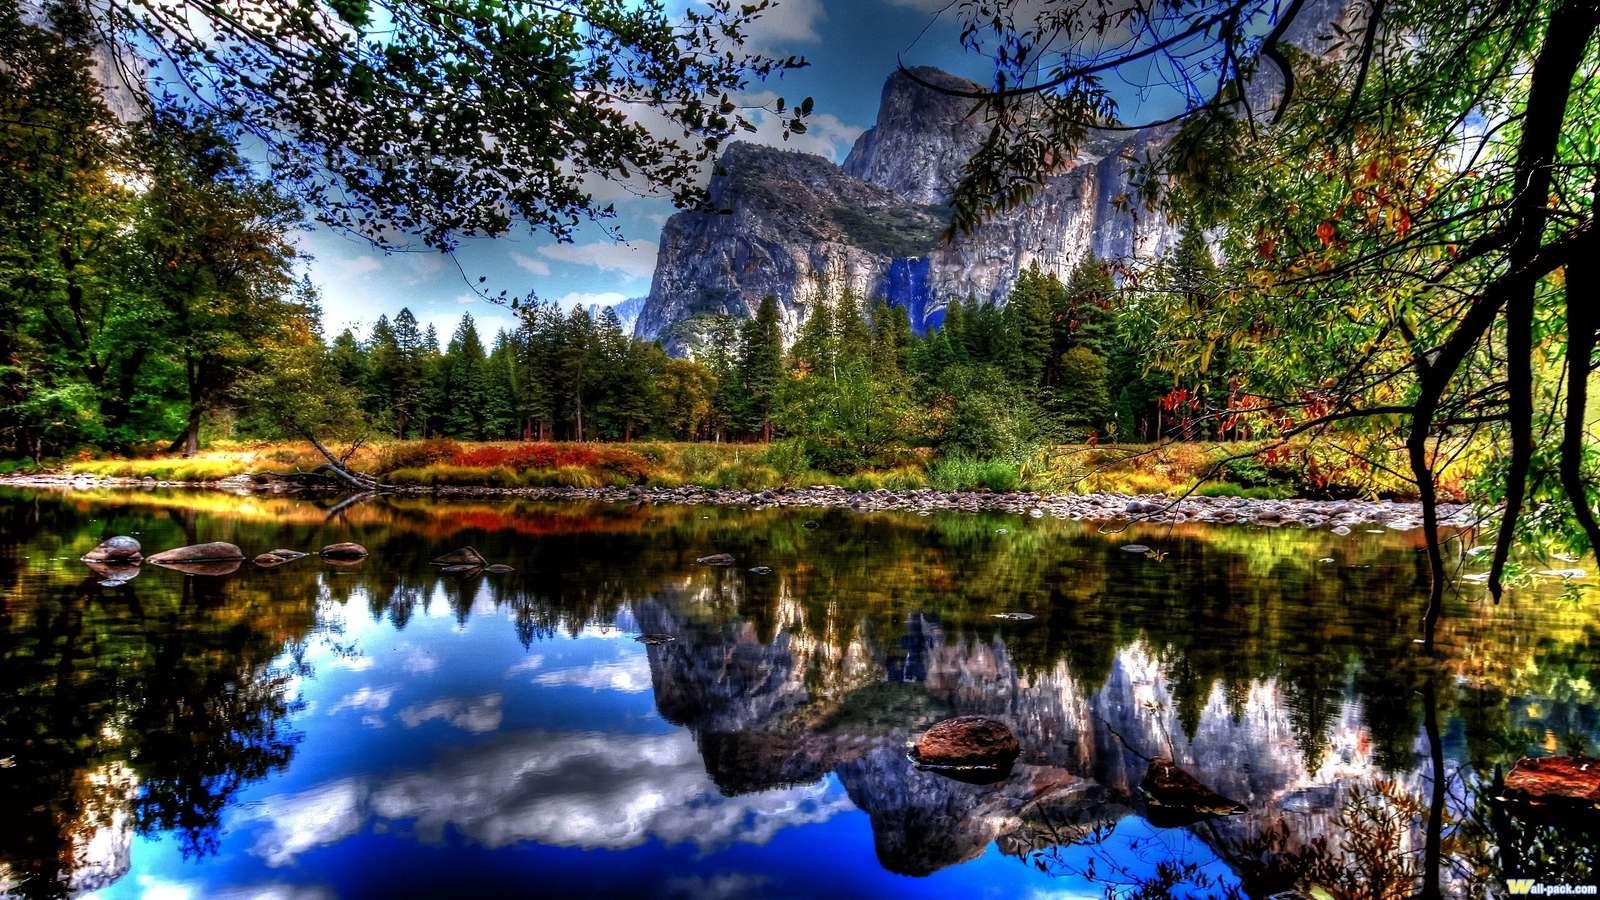 Krajobraz Górski - Górki krajobraz jeziora woda.